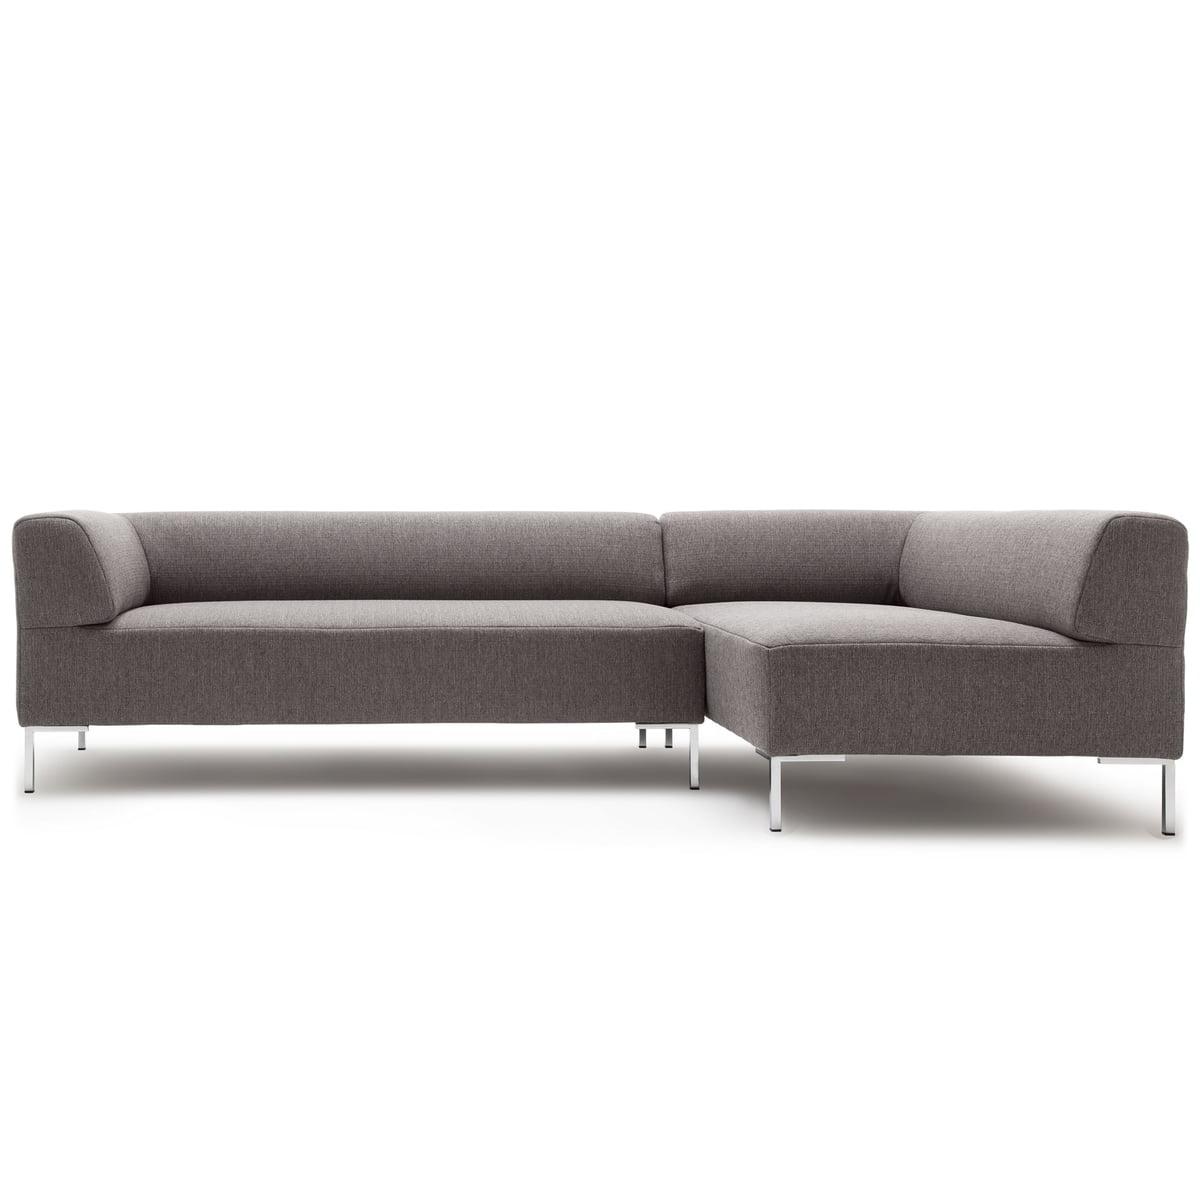 Full Size of Freistil Sofa Rolf Benz 185 Preis 180 141 Couch 134 164 Von 133 Big Mit Schlaffunktion Ausziehbar Lederpflege Bunt Barock Copperfield 2 Sitzer Relaxfunktion Sofa Freistil Sofa